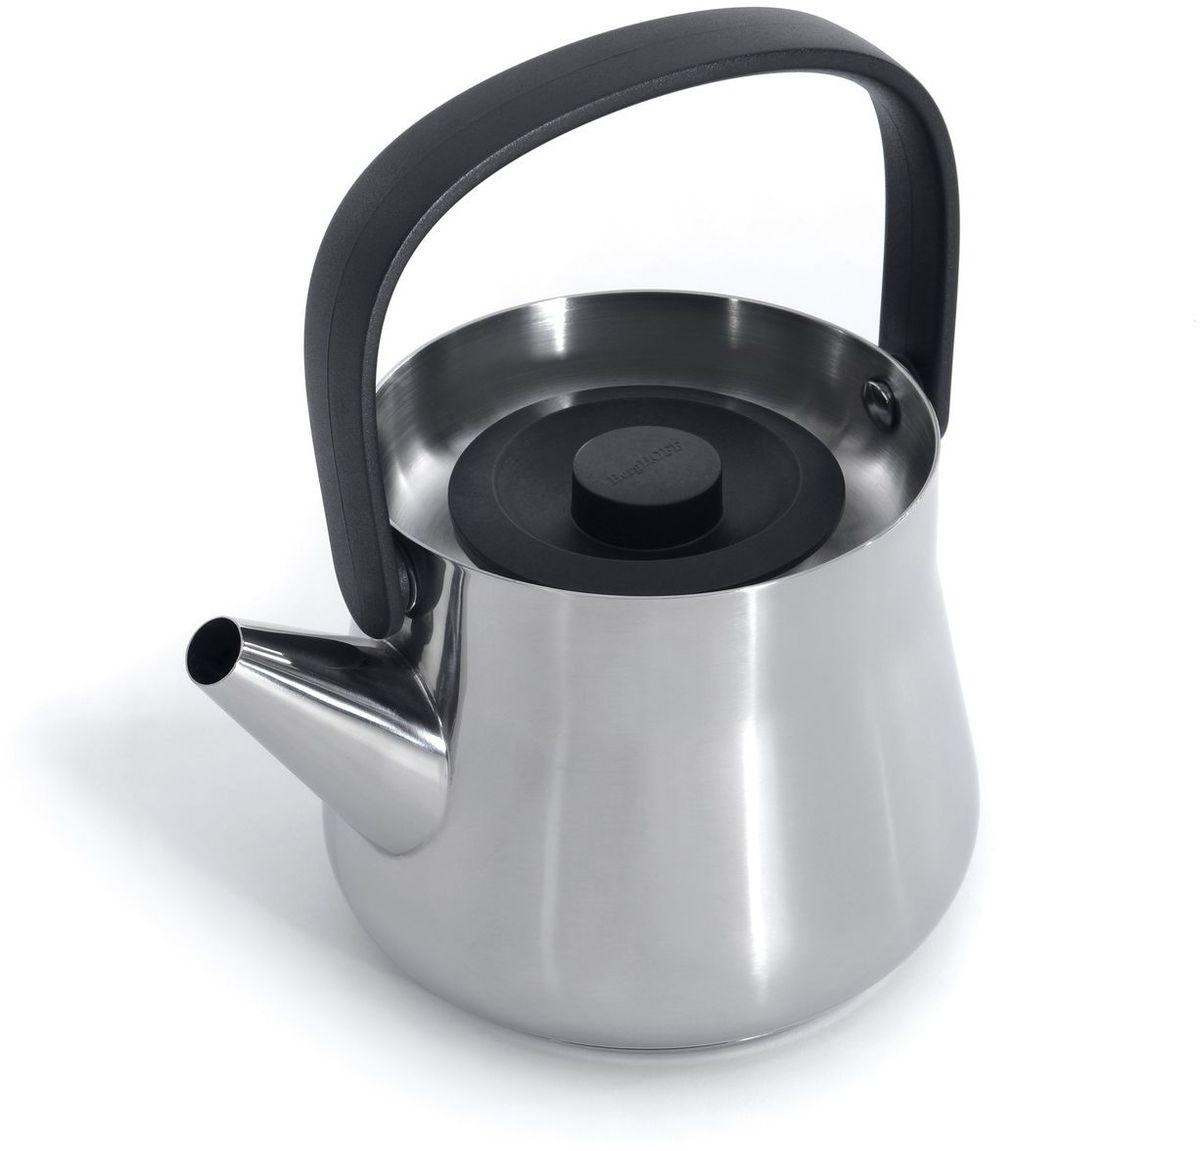 Чайник заварочный BergHOFF Ron, с ситечком, цвет: металлик, 1 л3900047Элегантно утонченный заварочный чайник с ситечком, бельгийского бренда Berghoff, из серии Ron. Идеально подойдет как для нагревания в нем воды, так и для заваривания листьев чая. Съемный фильтр внутри защитит напиток от попадания лишних чаинок. Изготовлен из пищевой нержавеющий стали высшего качества. Благодаря содержанию в составе 18% хрома, внутренняя поверхность защищена от кислотной коррозии во время нагревания.Лаконичный и сдержанный стиль девайса, выполненный в глянцевом цвете металлик, прекрасно впишется в любой интерьер. Изогнутая форма ручки сделана из жароустойчивого черного бакелита, благодаря которому она плотно удерживается в руке, и не нагревается.Данное изделие подходит для всех видов плит, но рекомендуется ручная мойка без абразивных средств. Объем: 1000 мл.